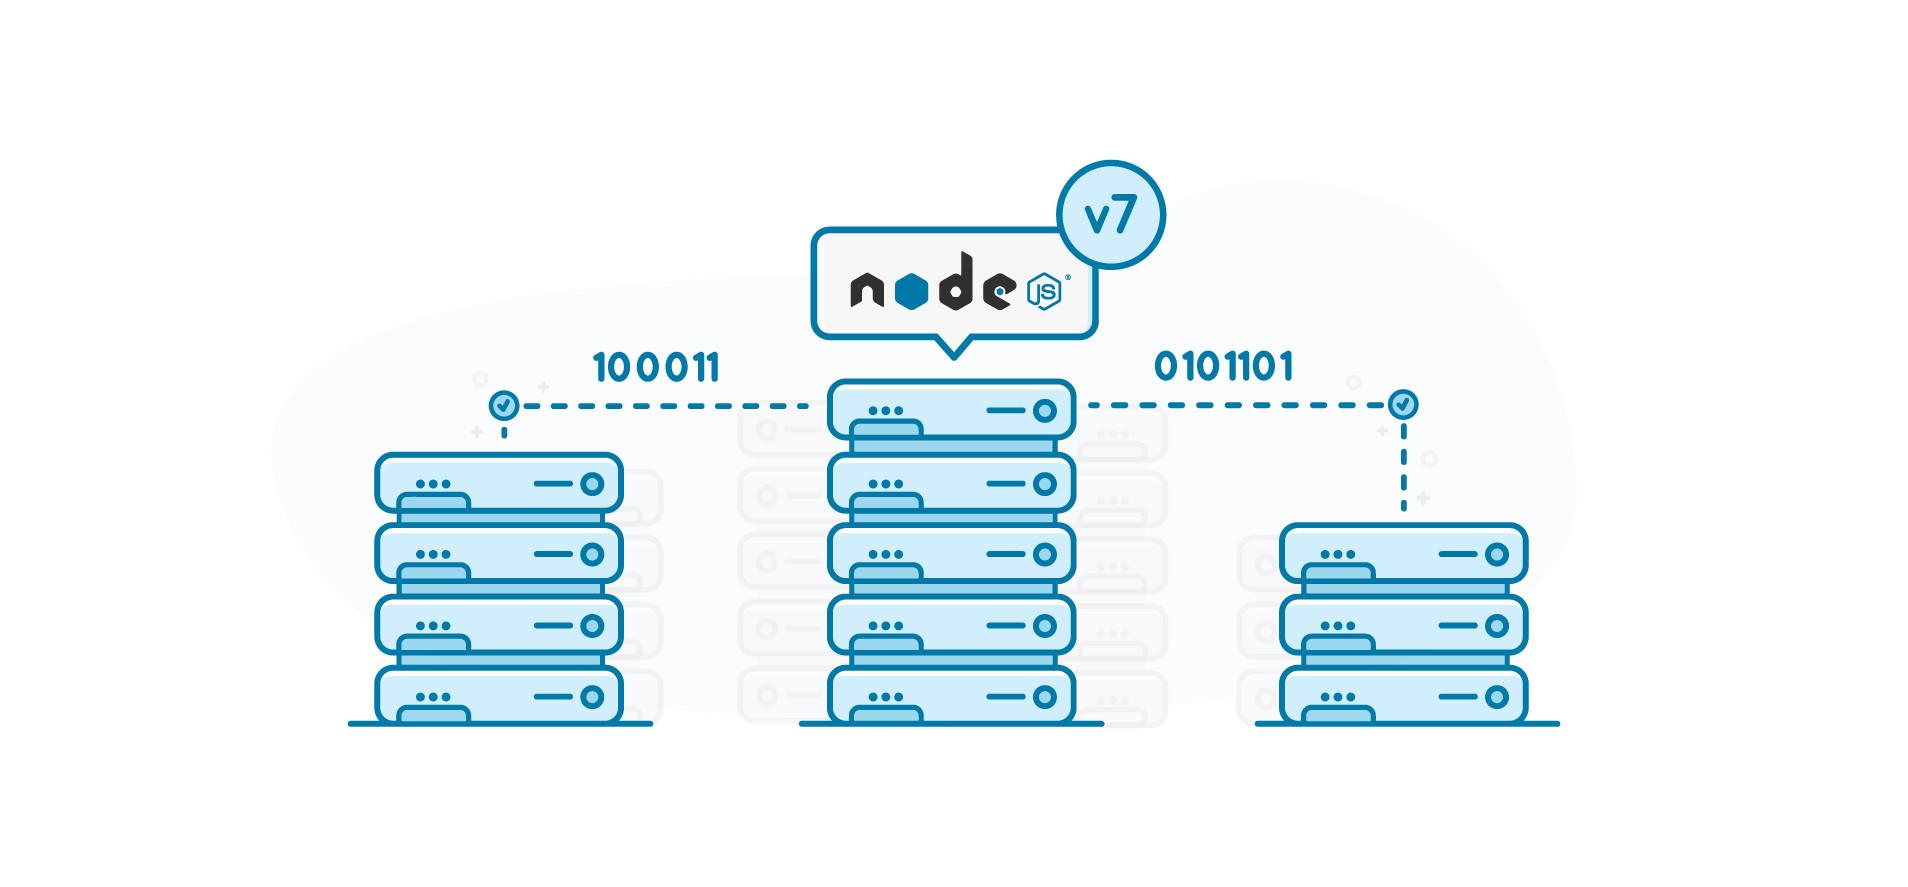 Node.js logo on top of several servers